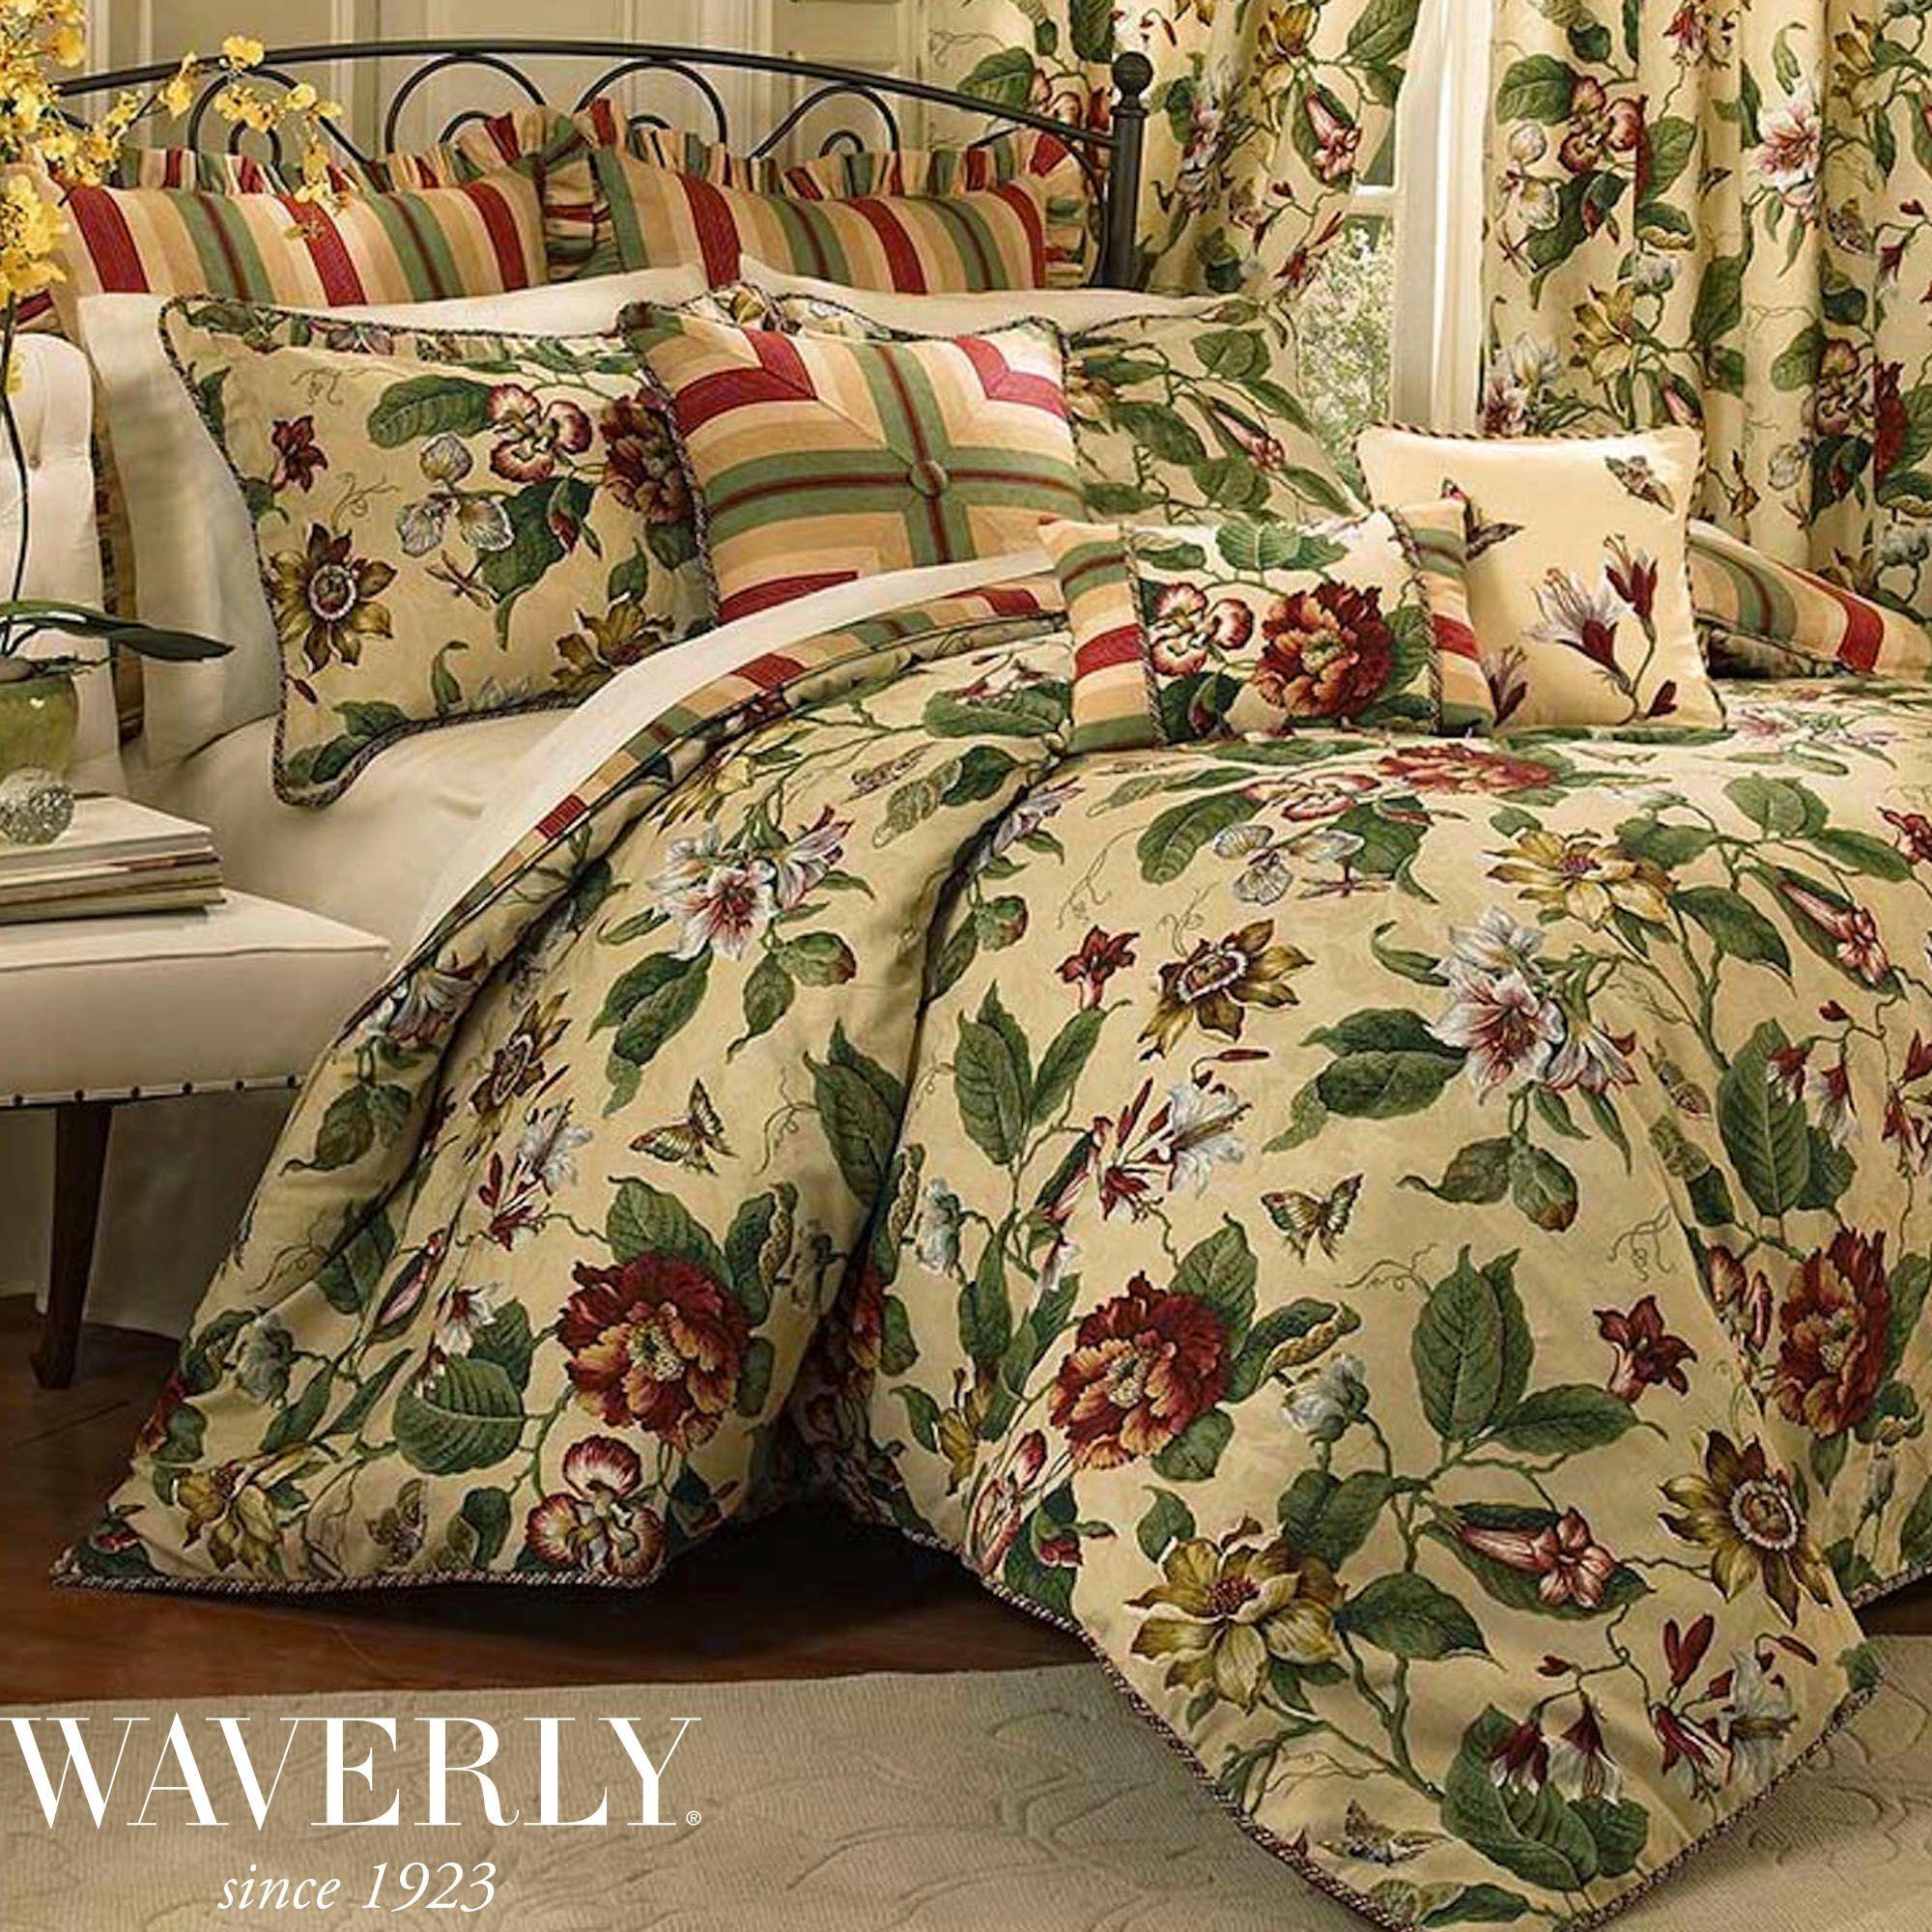 Laurel Springs Floral Comforter Bedding By Waverly With Images Comforter Sets Waverly Bedding Comforters